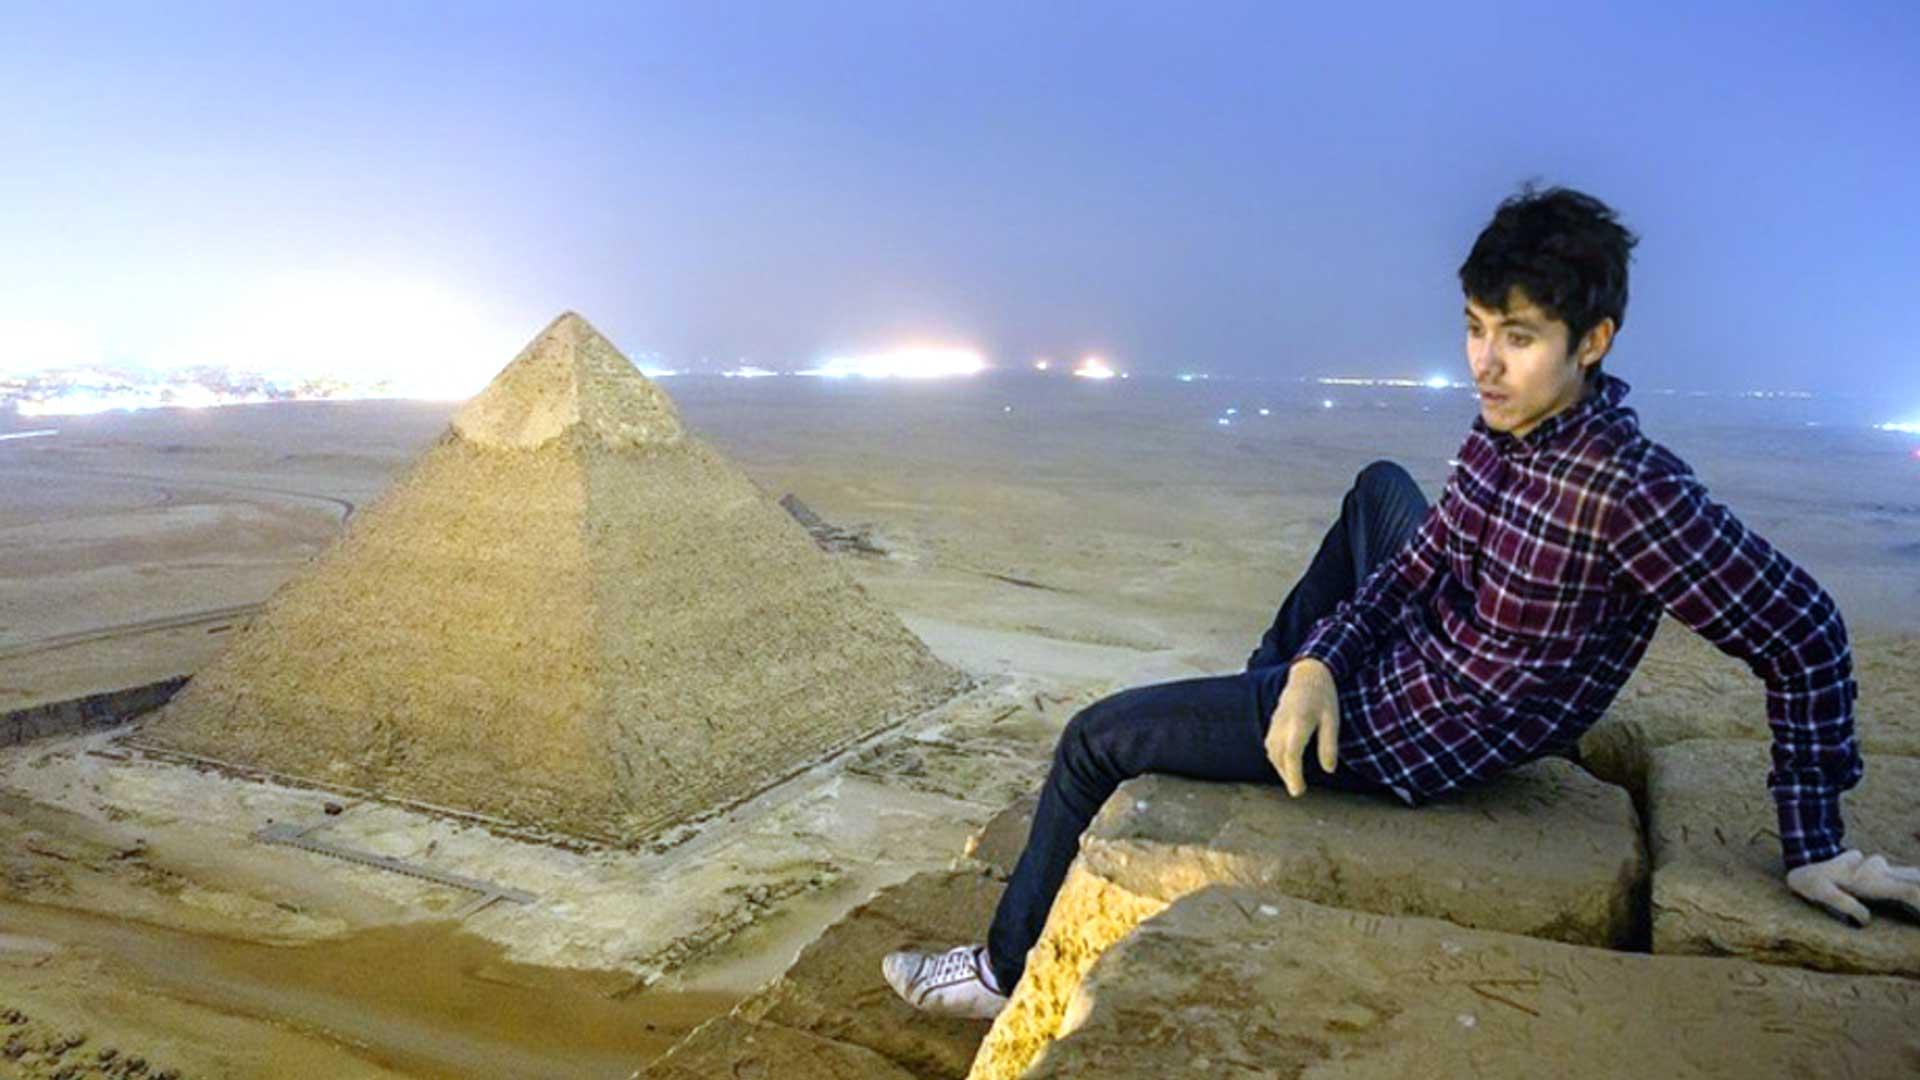 Imágenes únicas y prohibidas desde la cima de la Pirámide de Guiza